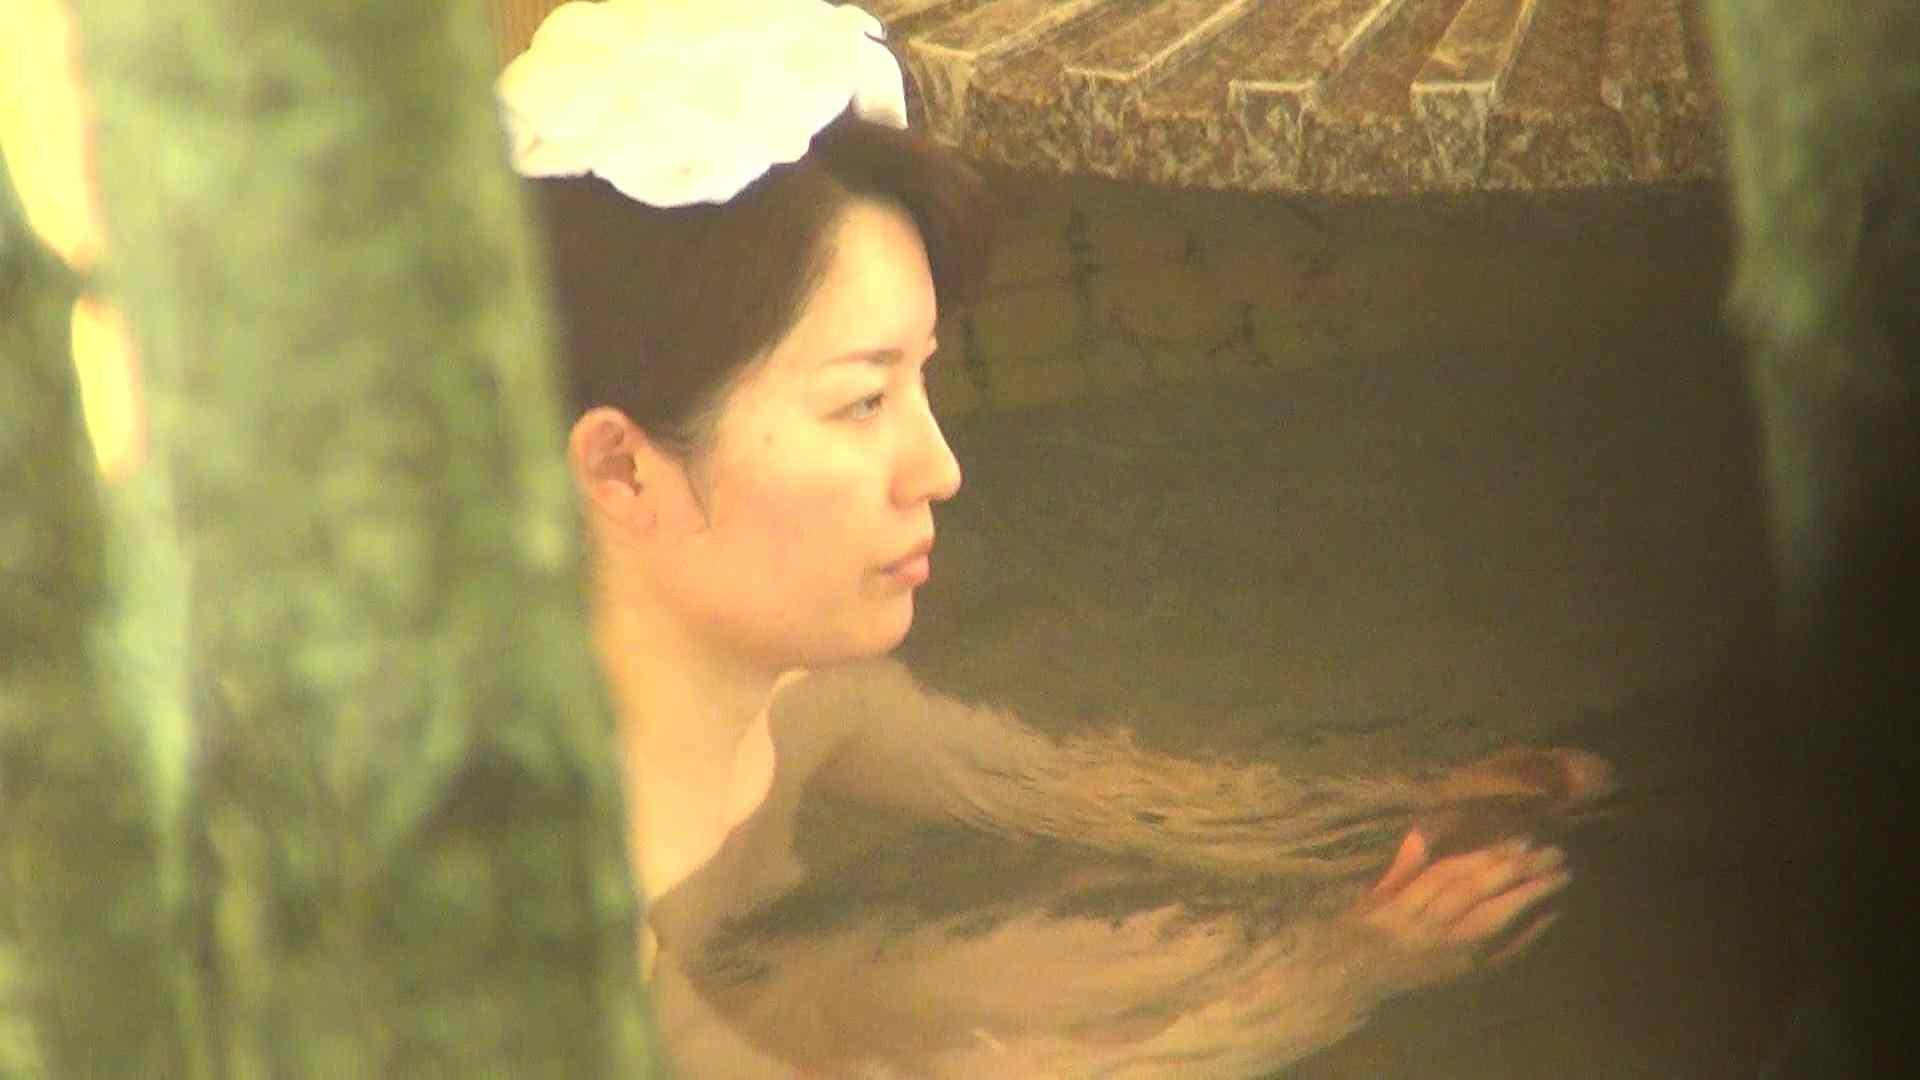 Aquaな露天風呂Vol.301 露天  85画像 69